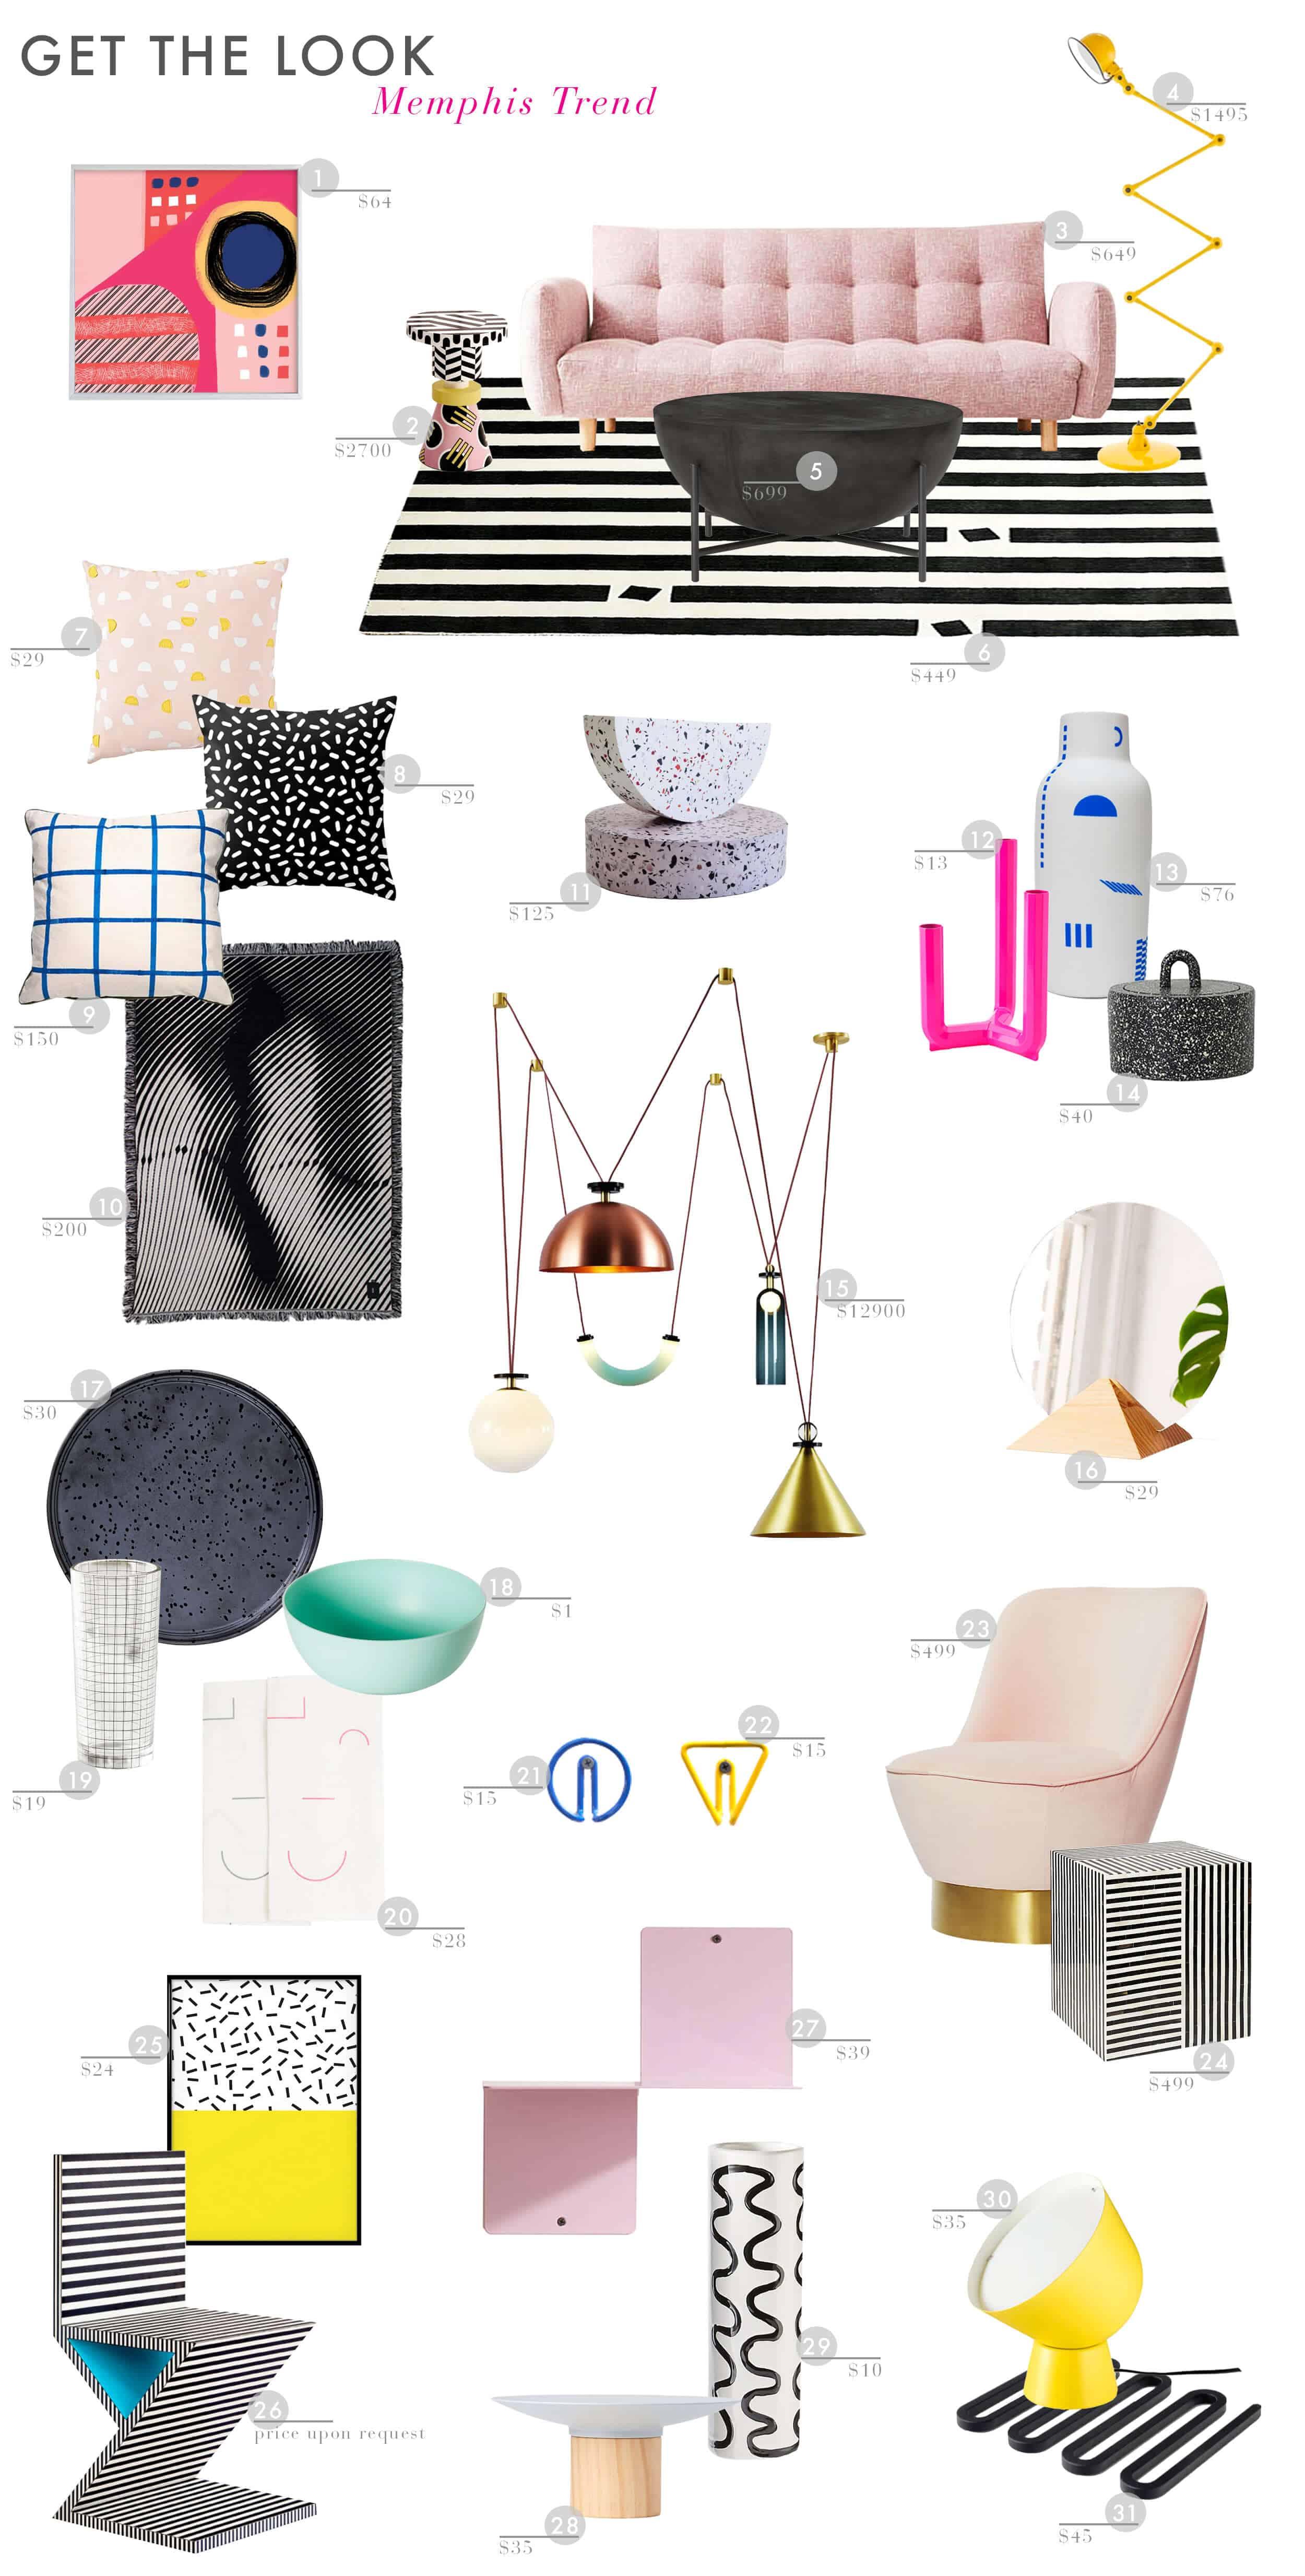 Emily Henderson Trends Design Eighties Mempis Get The Look 11